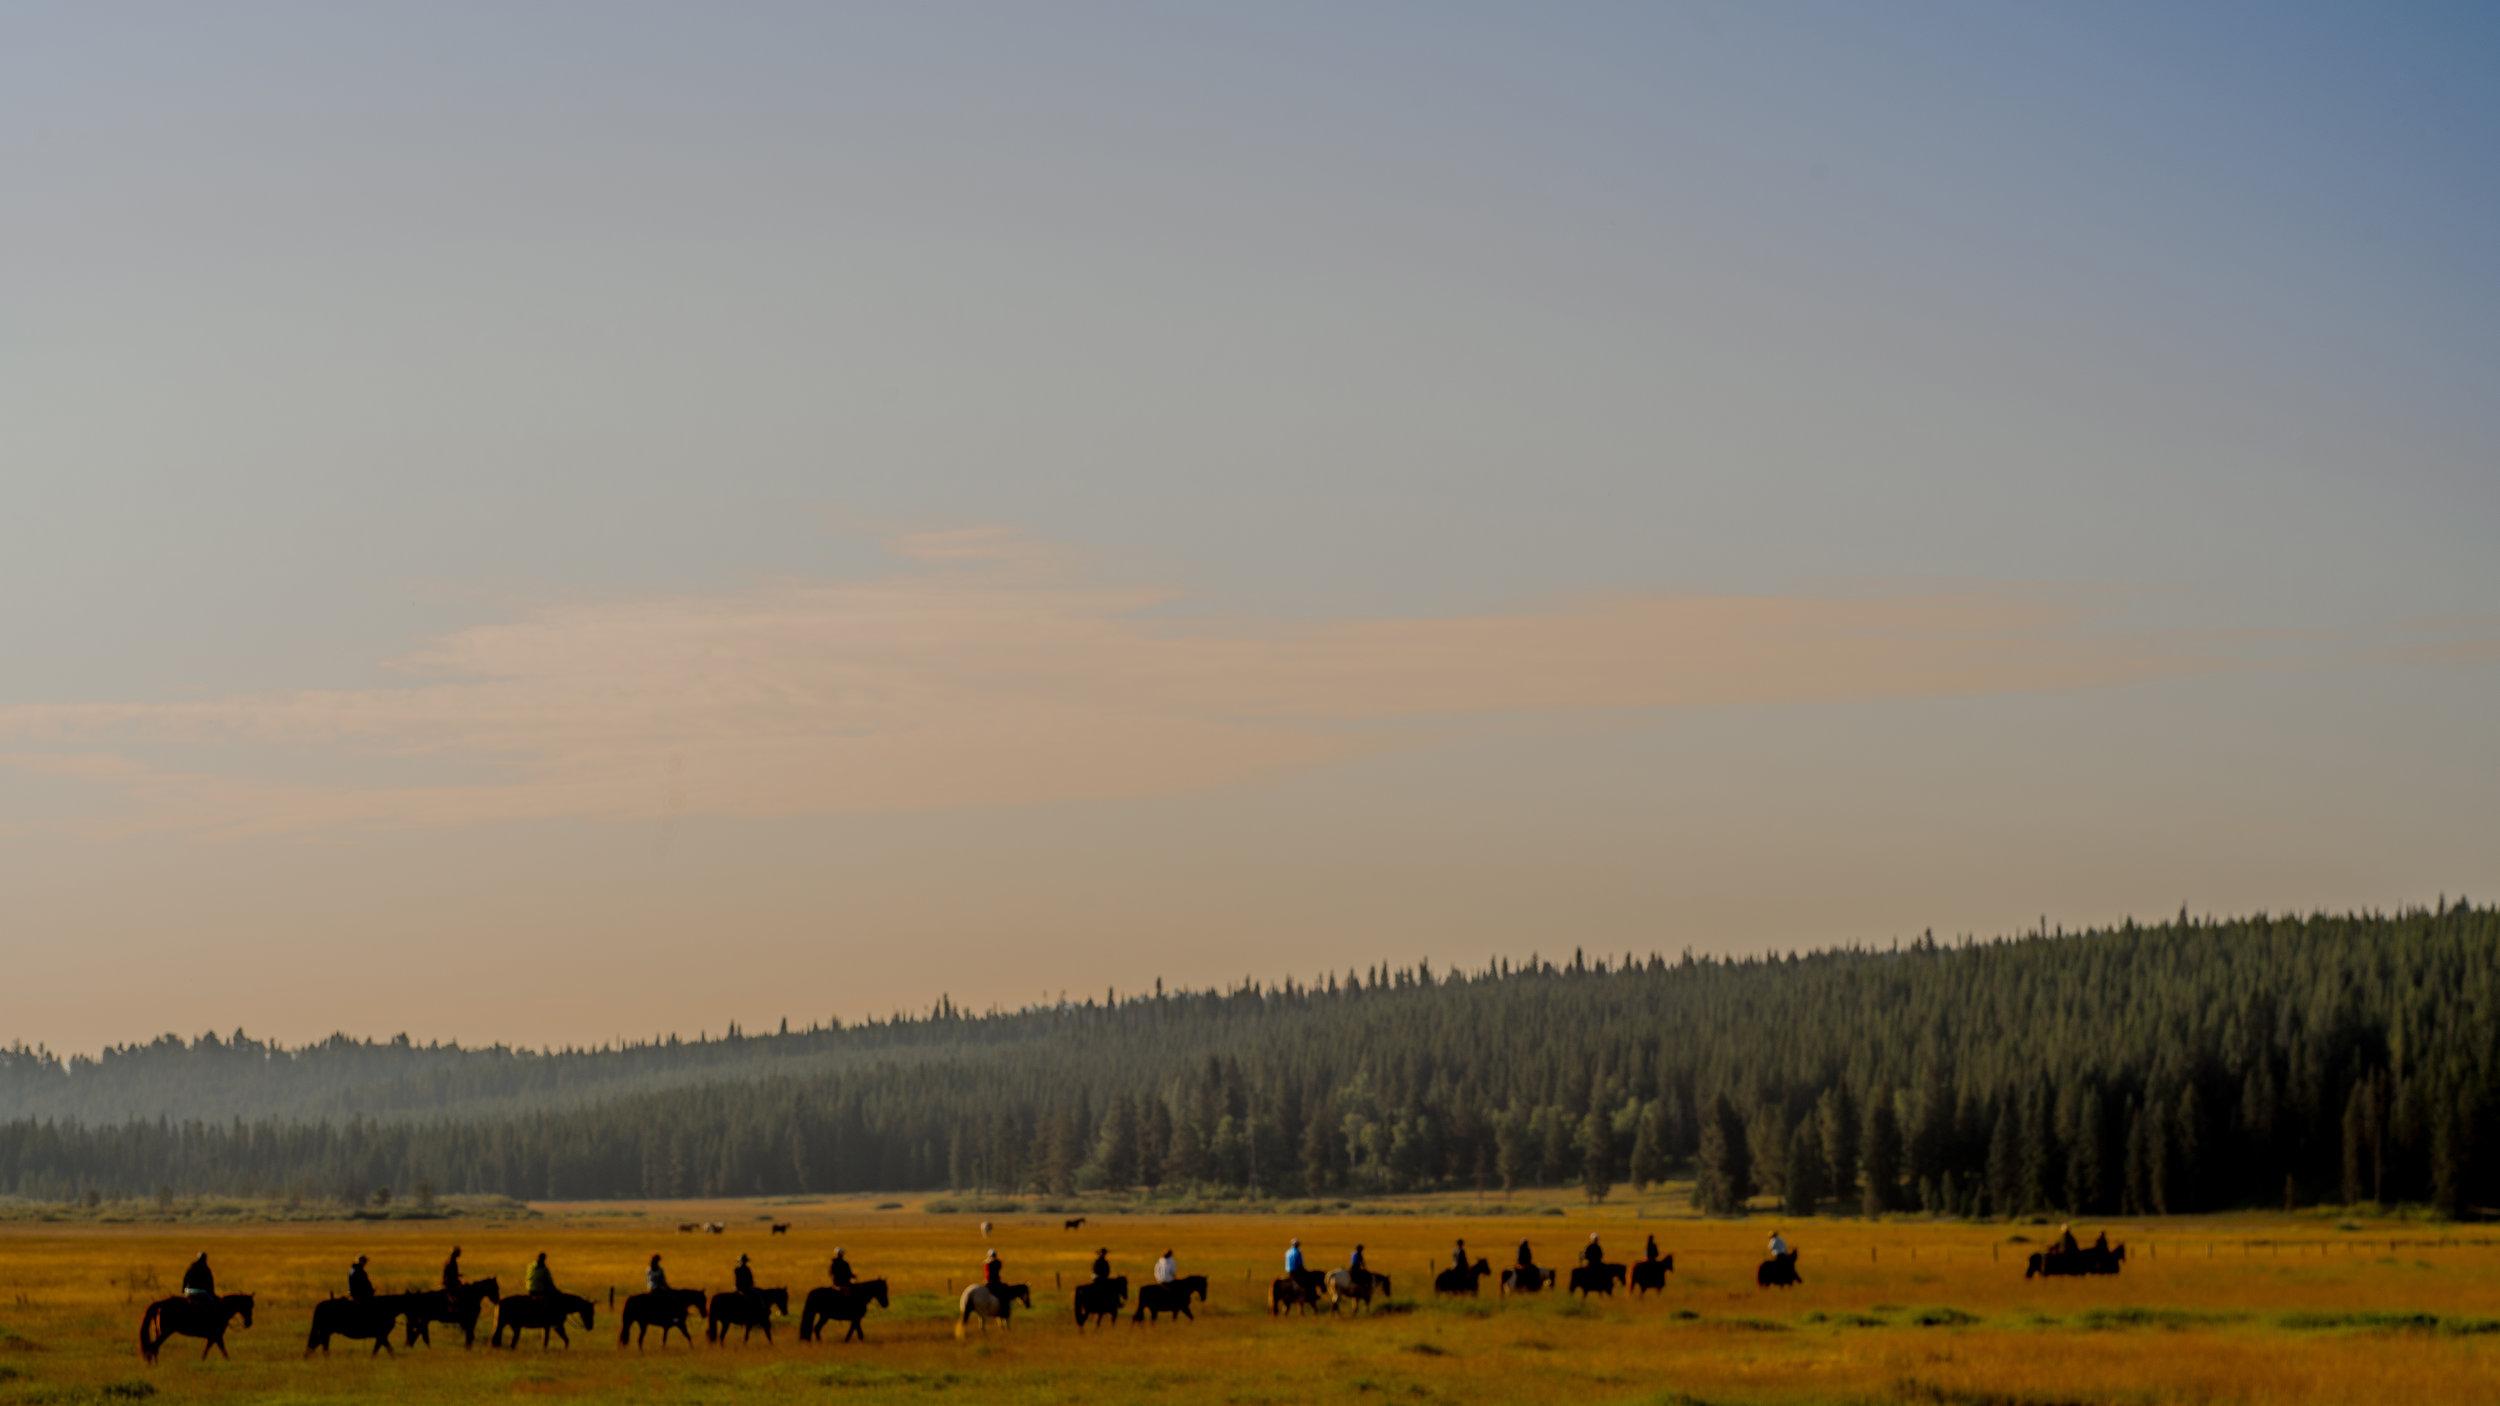 horses-in-wyoming copy.jpg